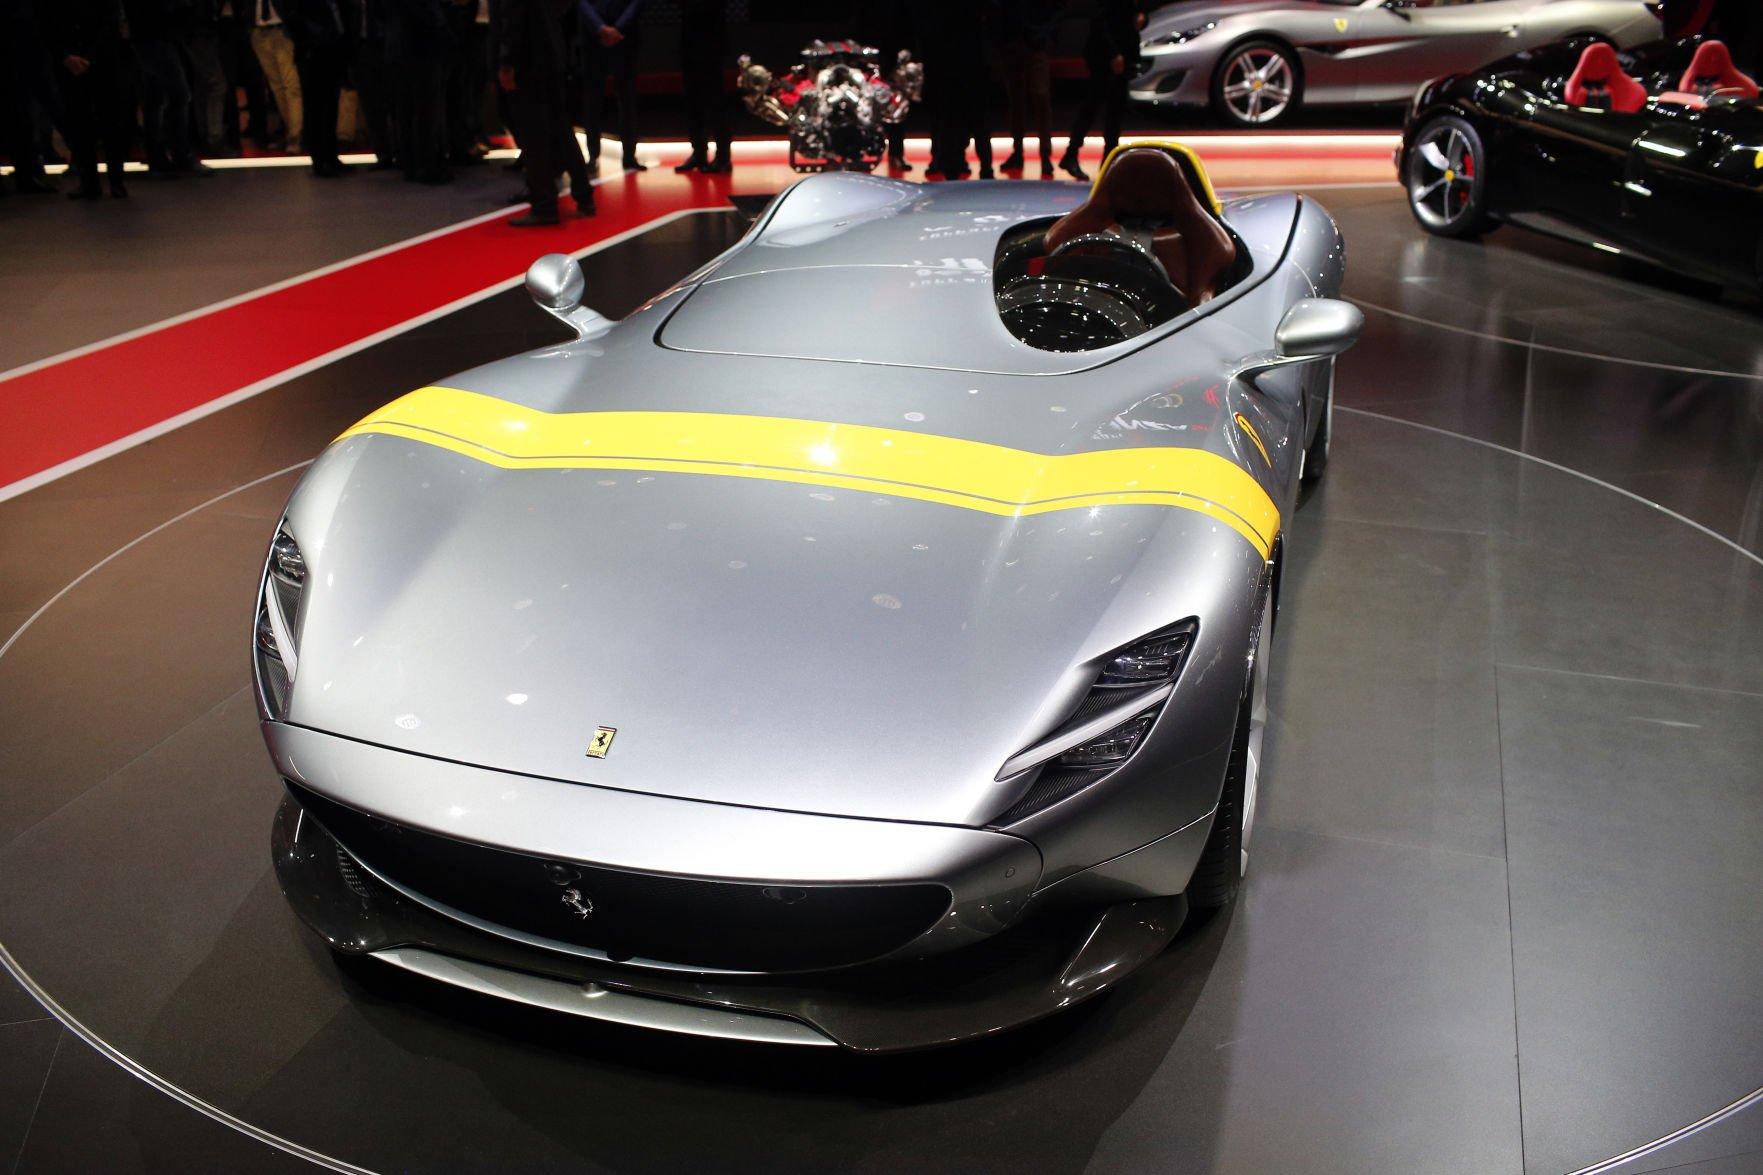 photos electrics suvs and supercars mingle at paris auto show rh nwitimes com